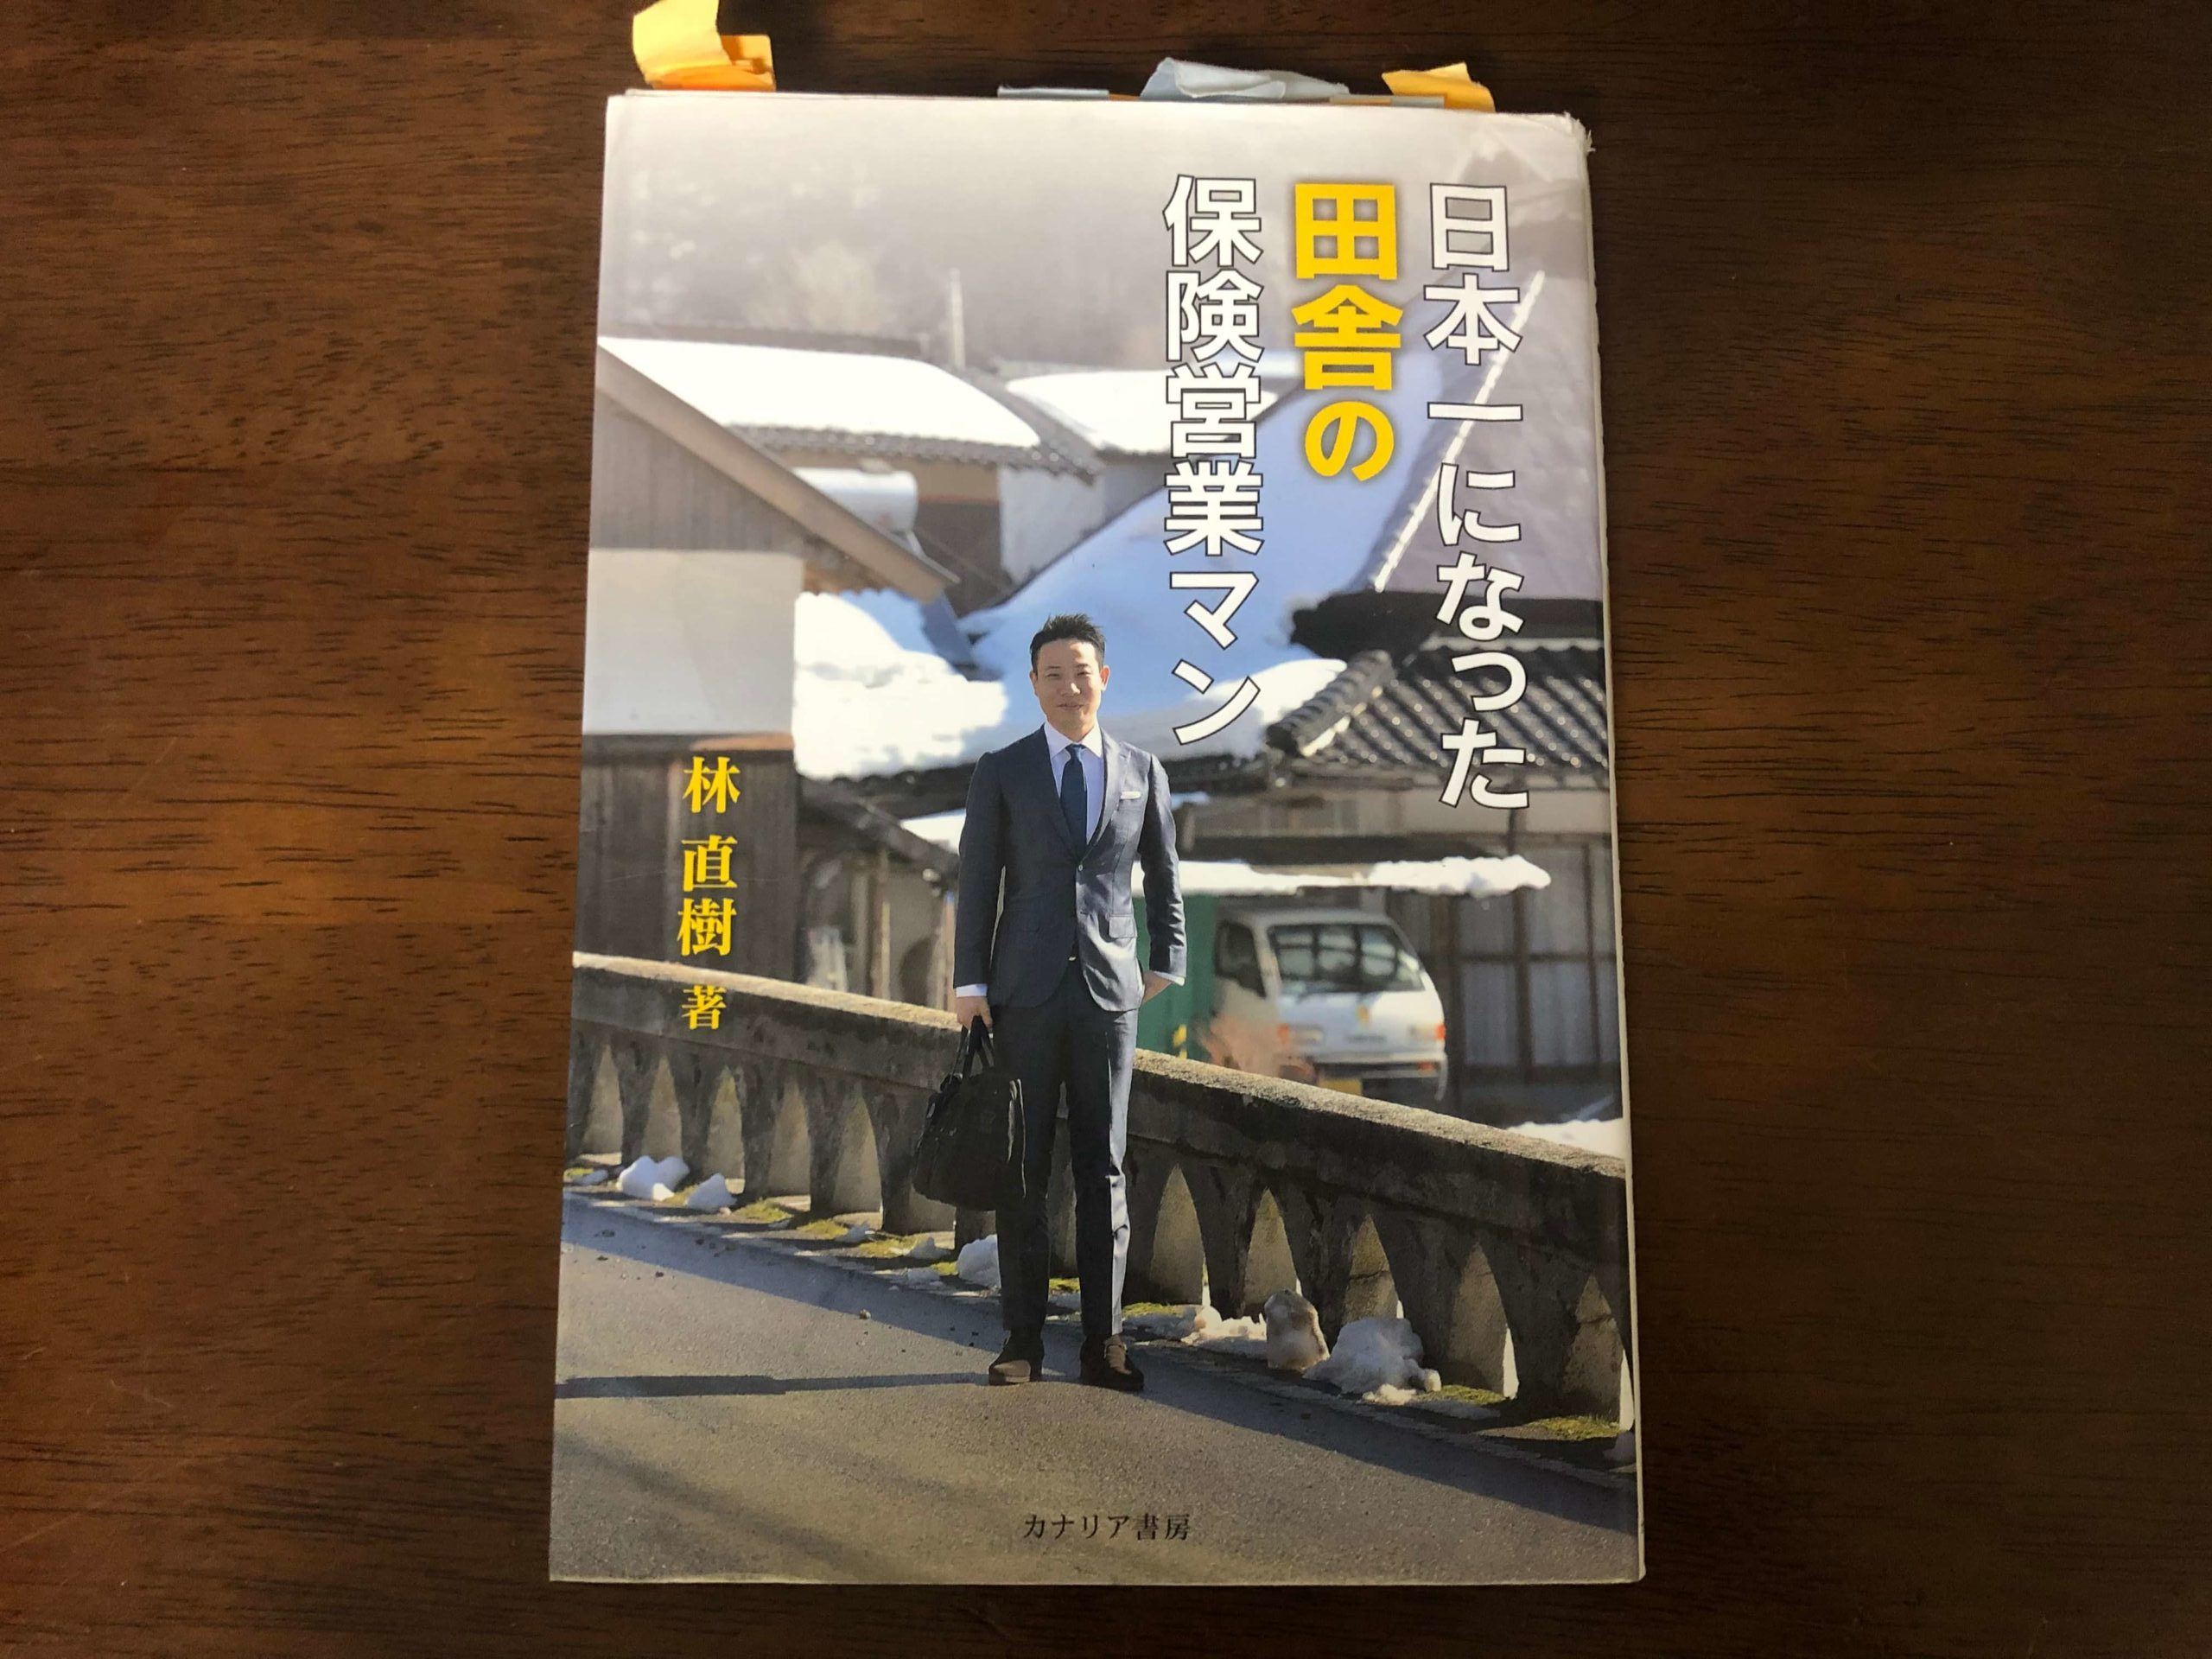 日本一になった田舎の保険営業マン